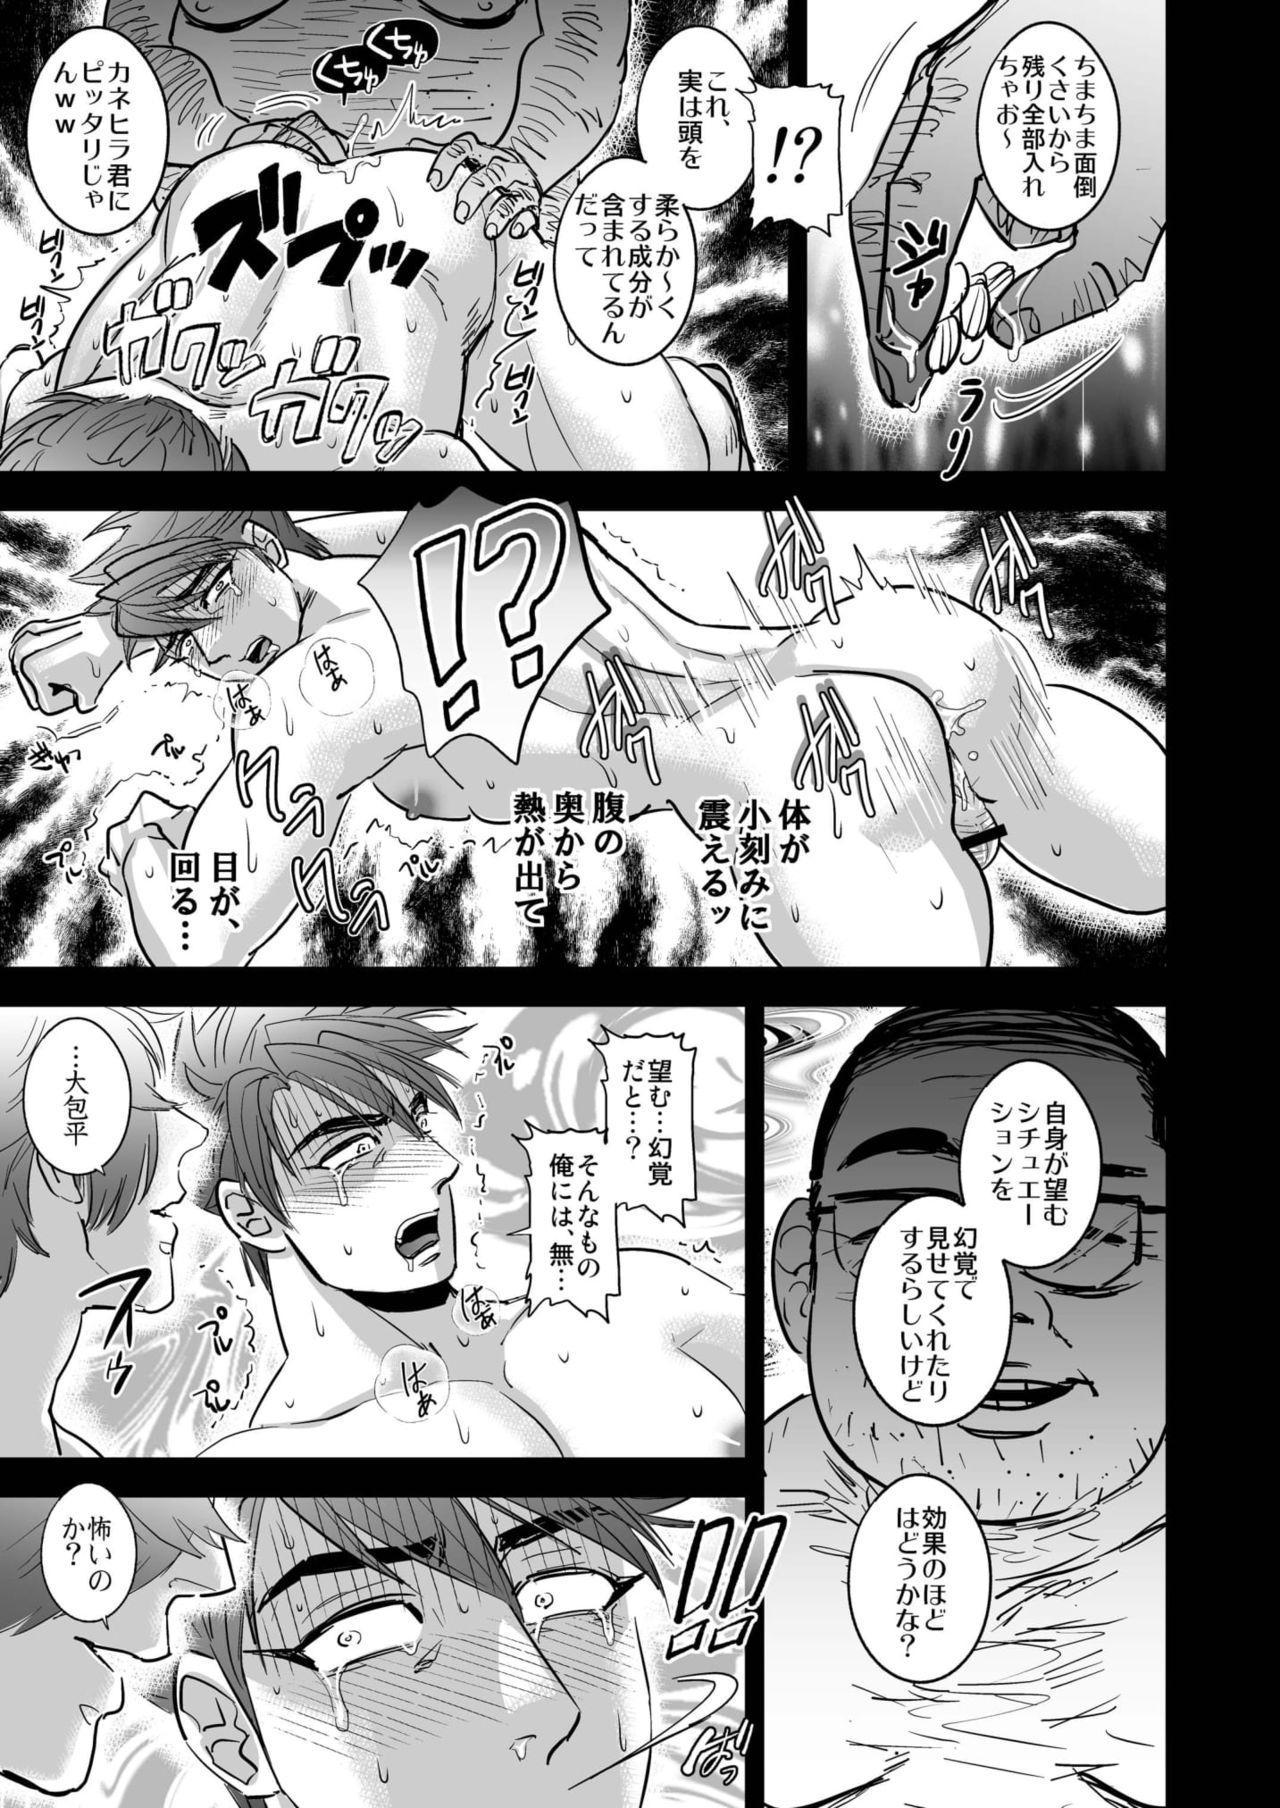 Non-stop Ryoujoku SEX Meibutsu Ookanehira, Kyokusei no Sho 14